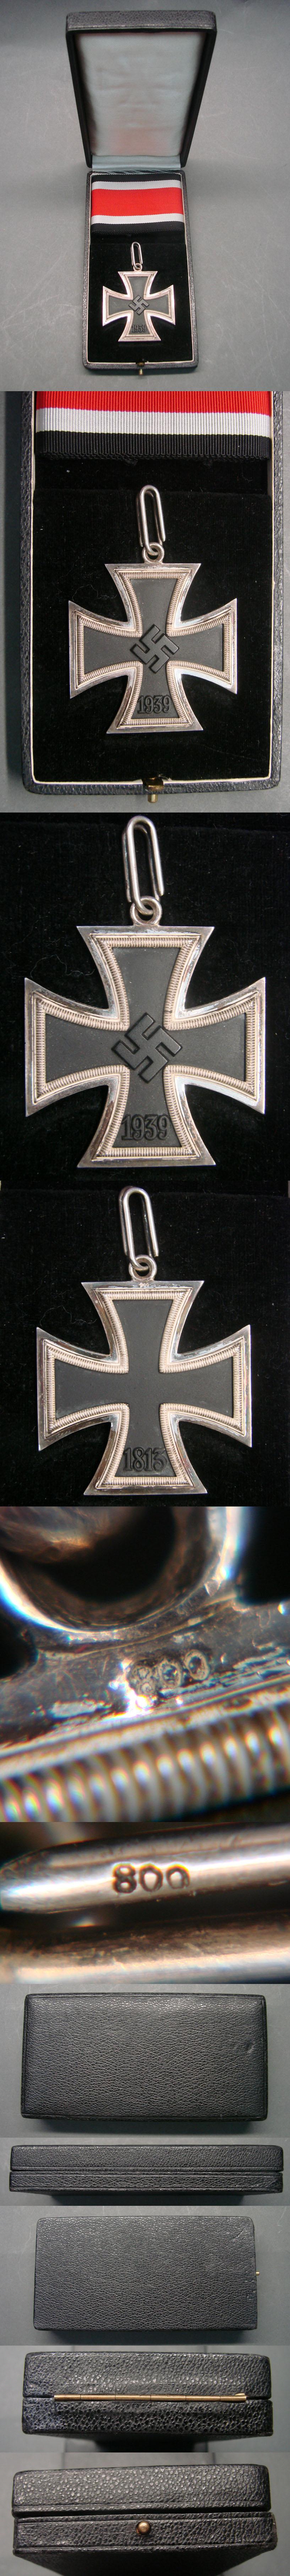 Frosty Steinhauer & Luck Knights Cross